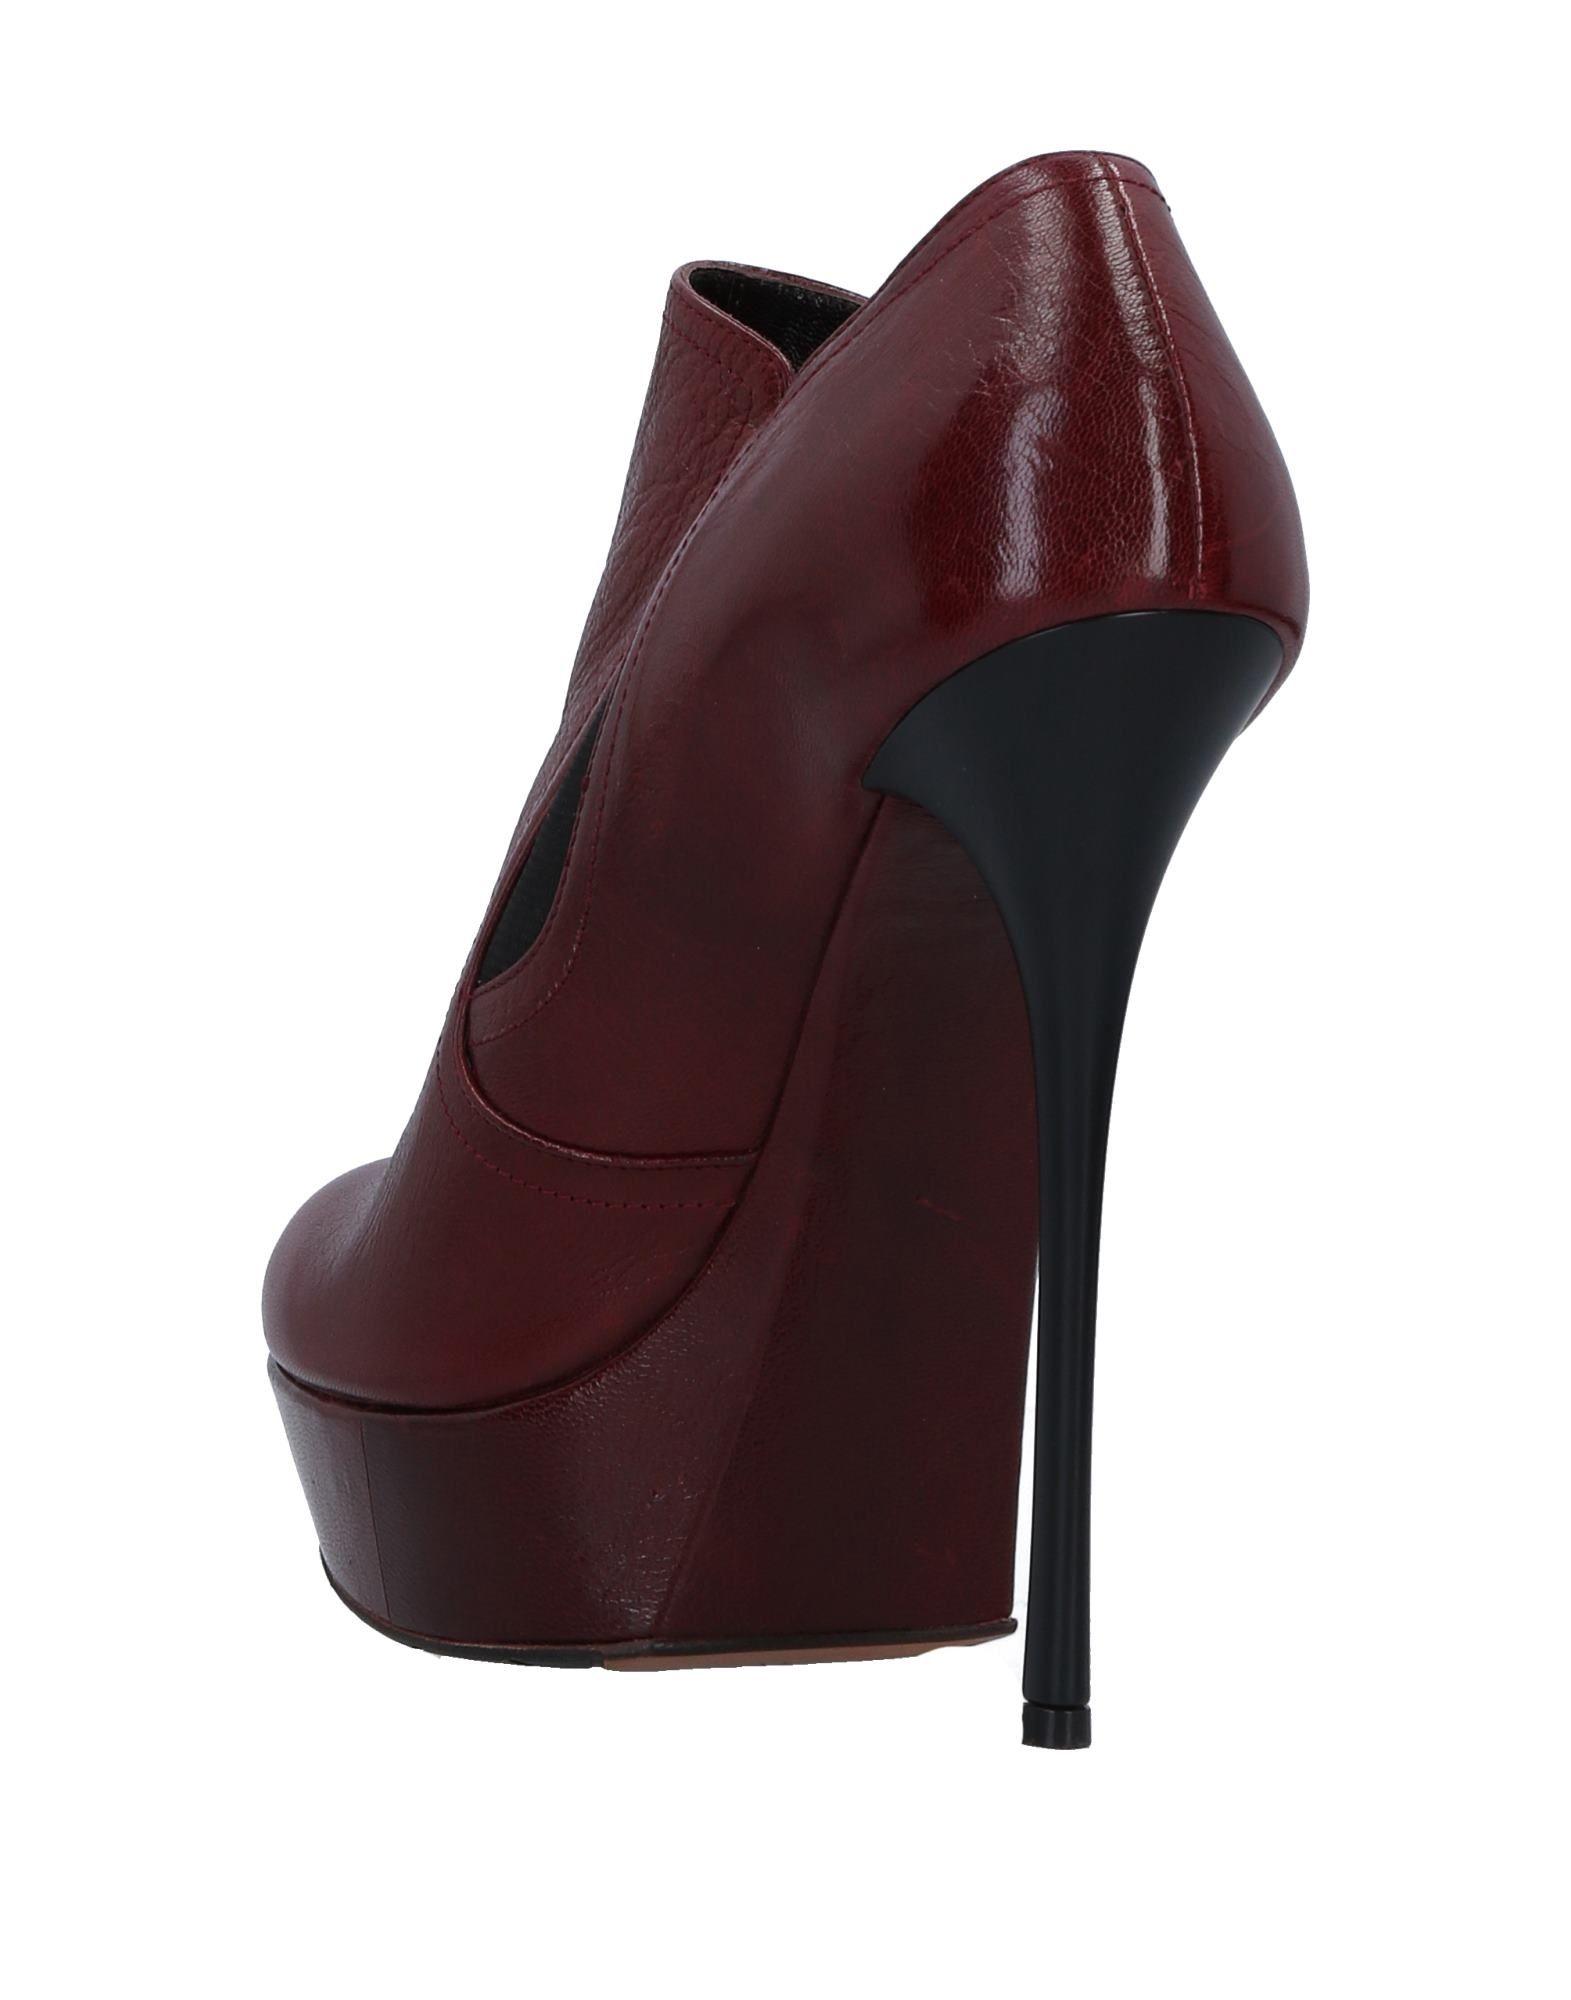 Gianmarco Lorenzi Stiefelette 11526895HD Damen  11526895HD Stiefelette Beliebte Schuhe 25ddb2